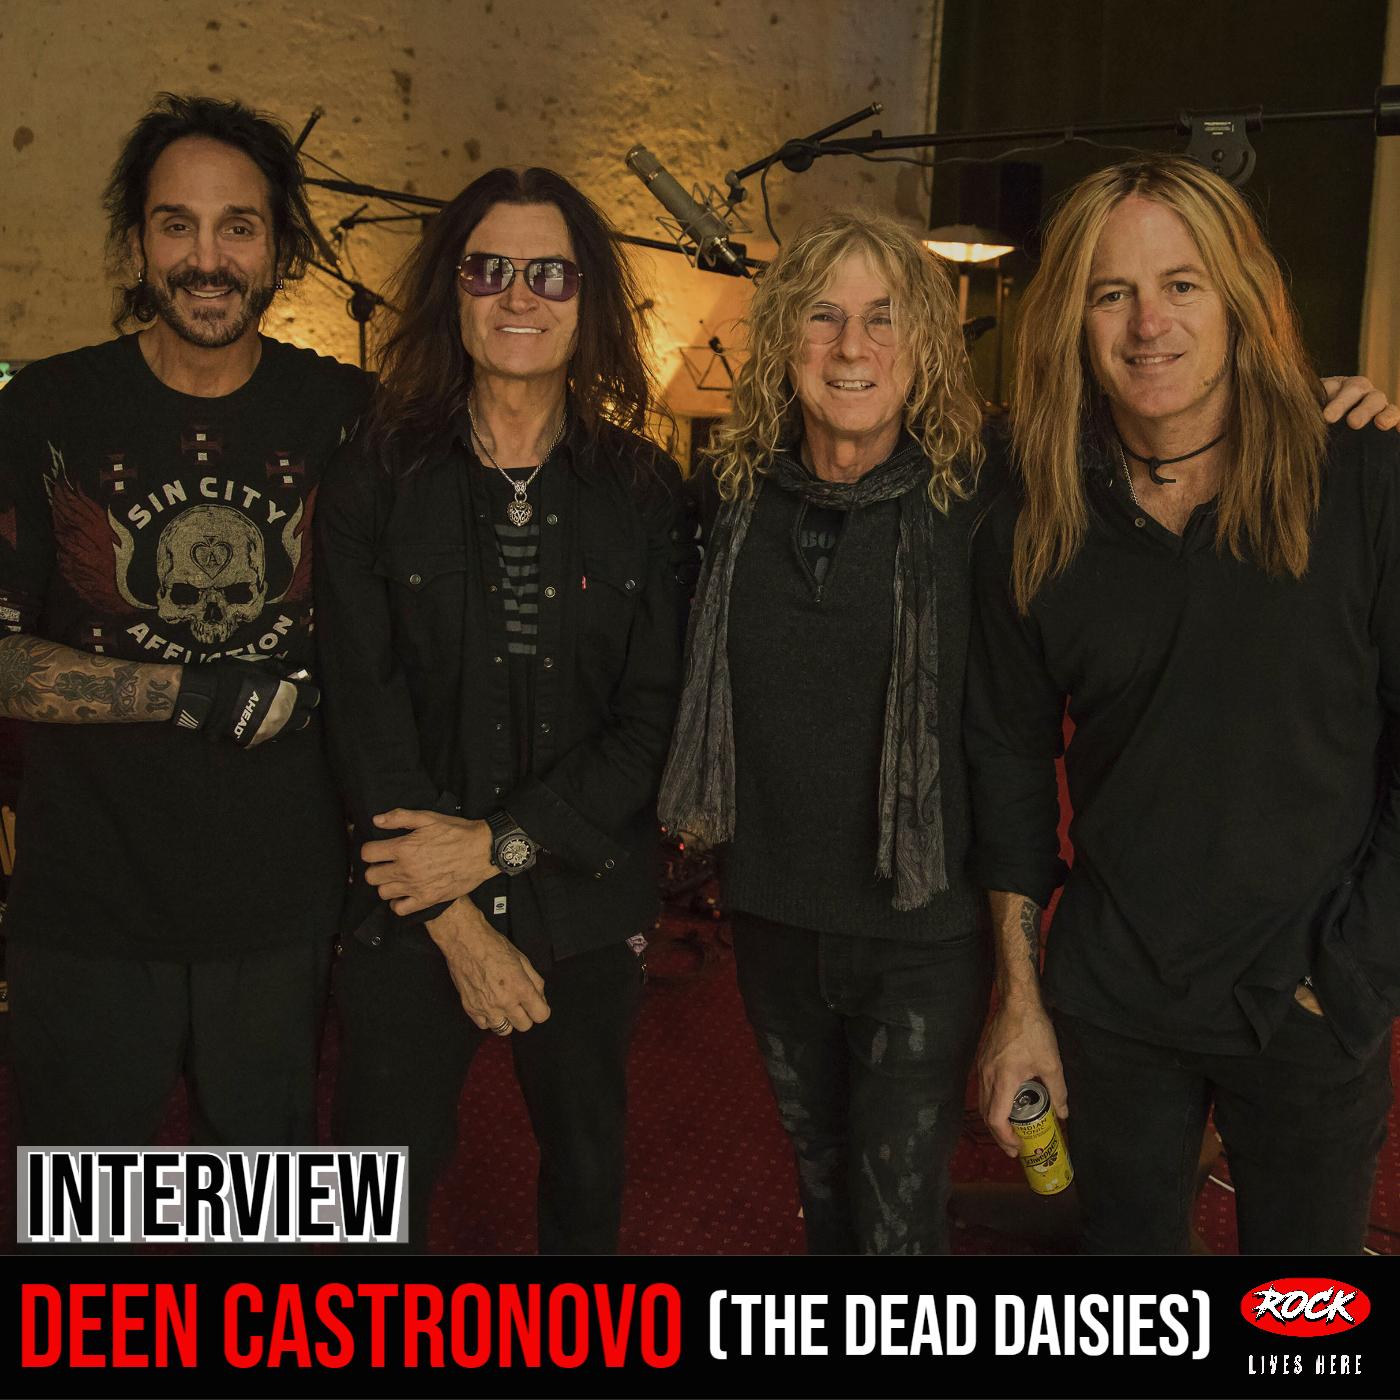 Deen Castronovo (The Dead Daisies)